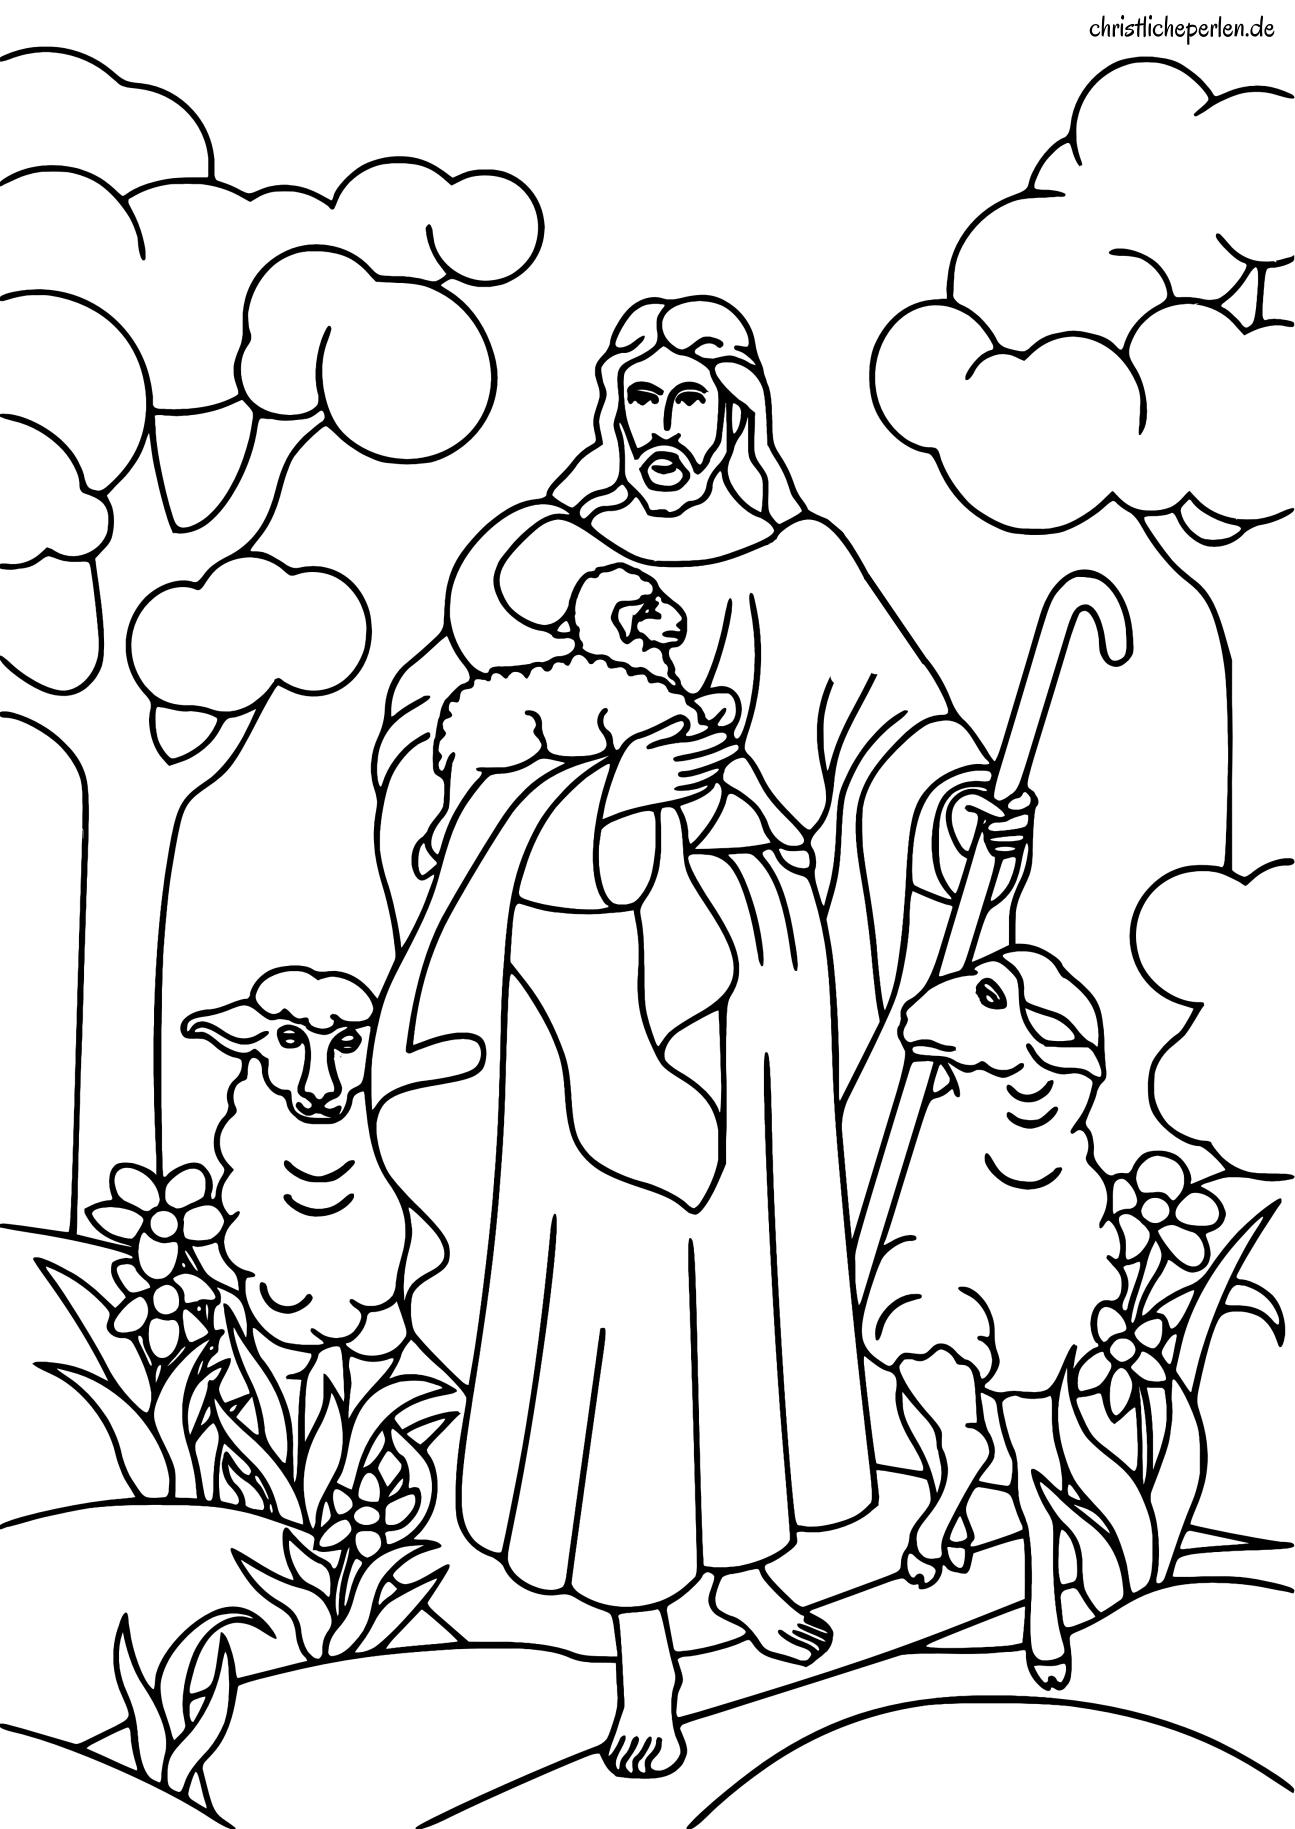 Psalm 23 / Guter Hirte basteln und ausmalen | Christliche Perlen